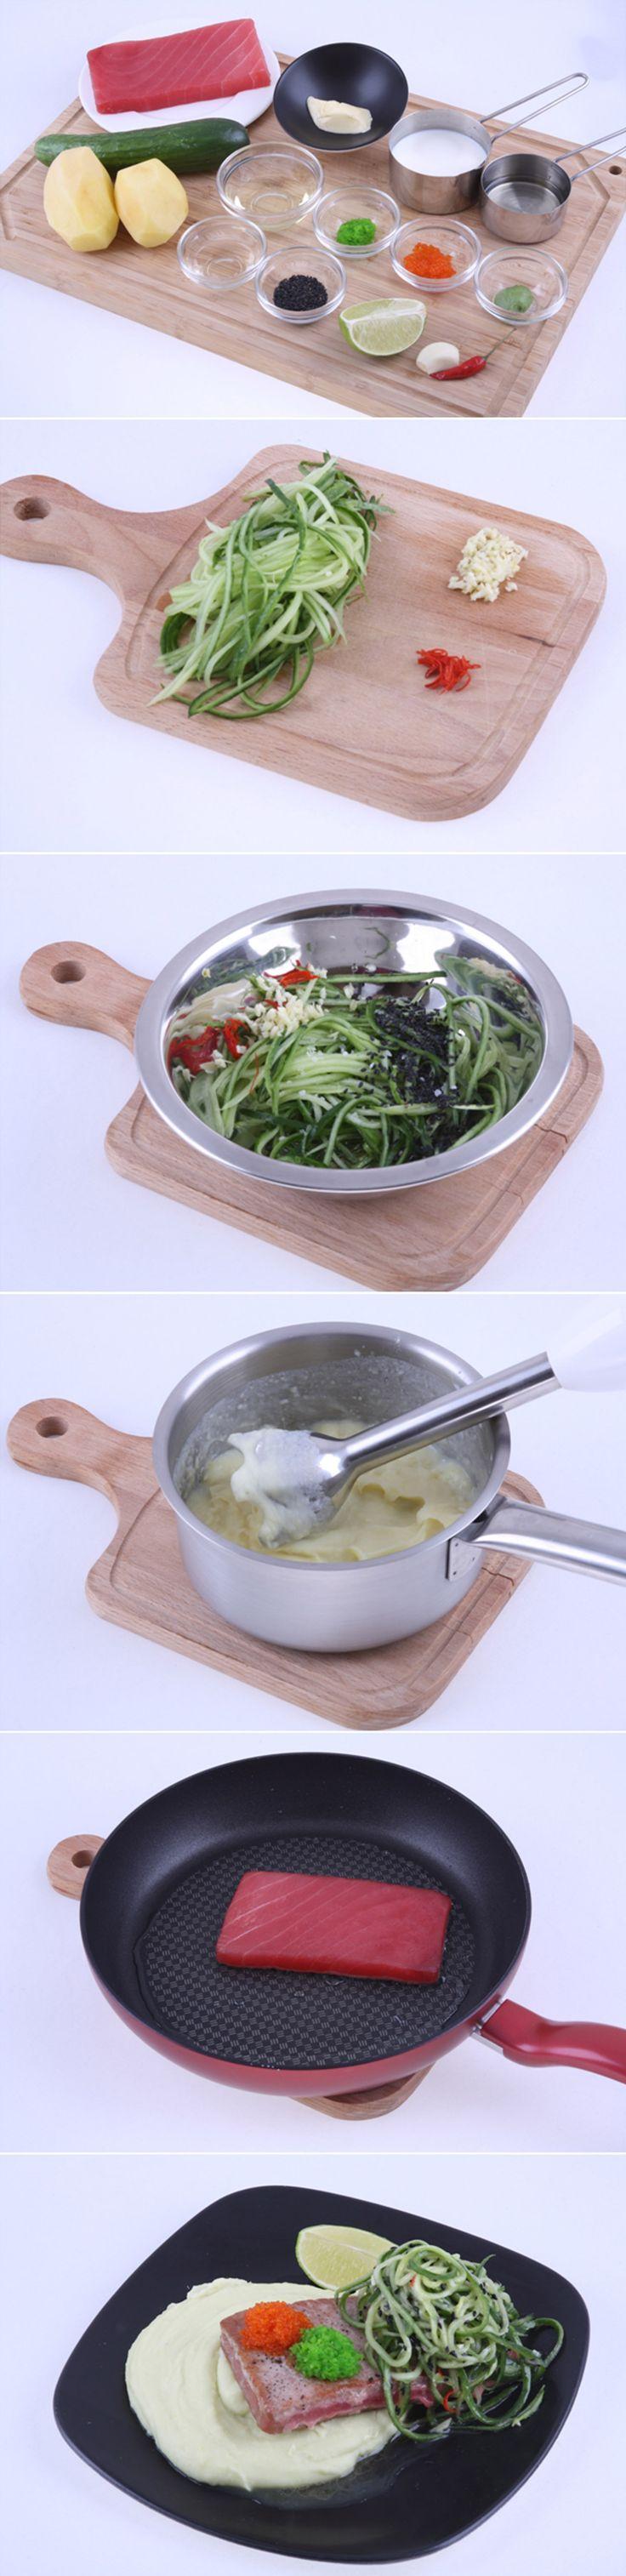 Тунец по-австралийски. Легкое, очень нежное и сытное блюдо. Готовится довольно просто и быстро. Попробуйте, вам обязательно понравится сочетание маринованного огурца, пикантного картофельного пюре с васаби и тунца! Ингредиенты и рецепт вы можете увидеть в...http://vk.com/dinnerday; http://instagram.com/dinnerday #рыба #кулинария #новыйгод #тунец #филе #картофель #васаби #рецепт #еда #dinnerday #food #cook #recipe #fish #tuna #cookery #fillet #potato #wasabi